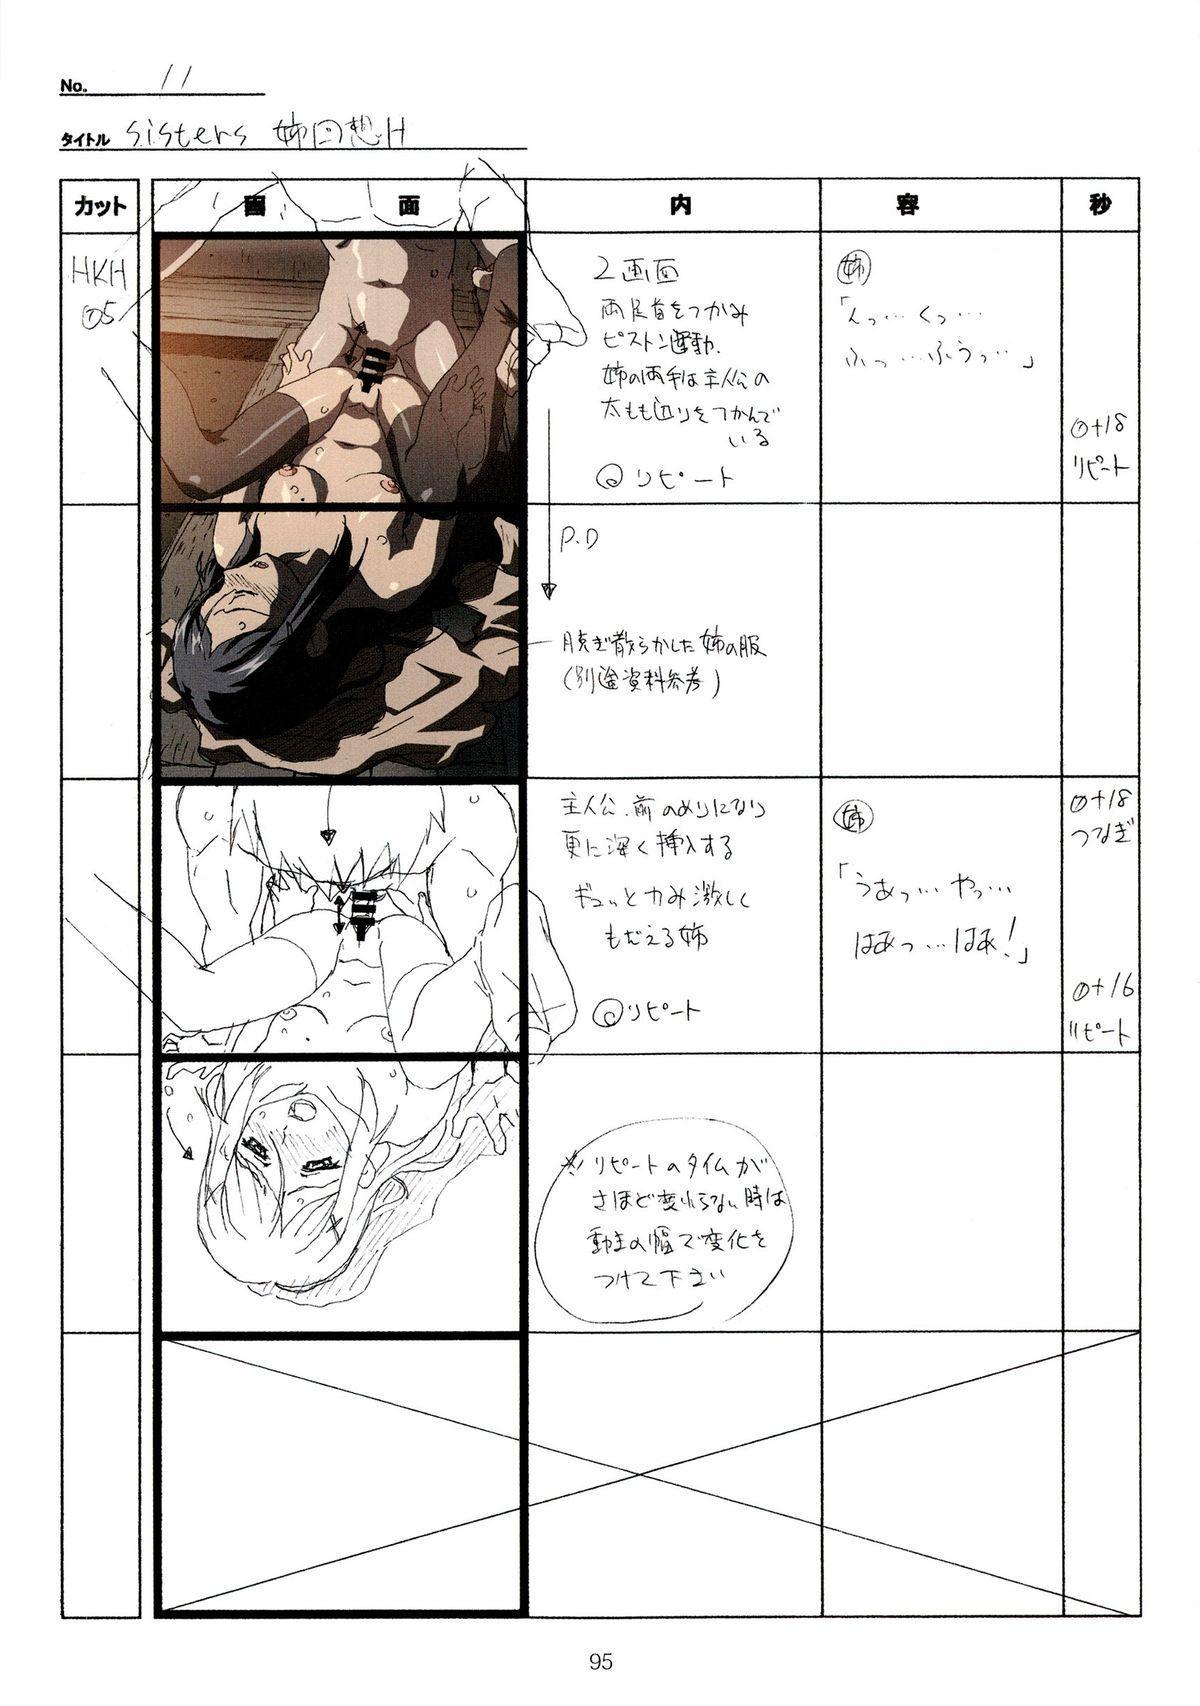 (C89) [Makino Jimusho (Taki Minashika)] SISTERS -Natsu no Saigo no Hi- H Scene All Part Storyboard (SISTERS -Natsu no Saigo no Hi-) 94